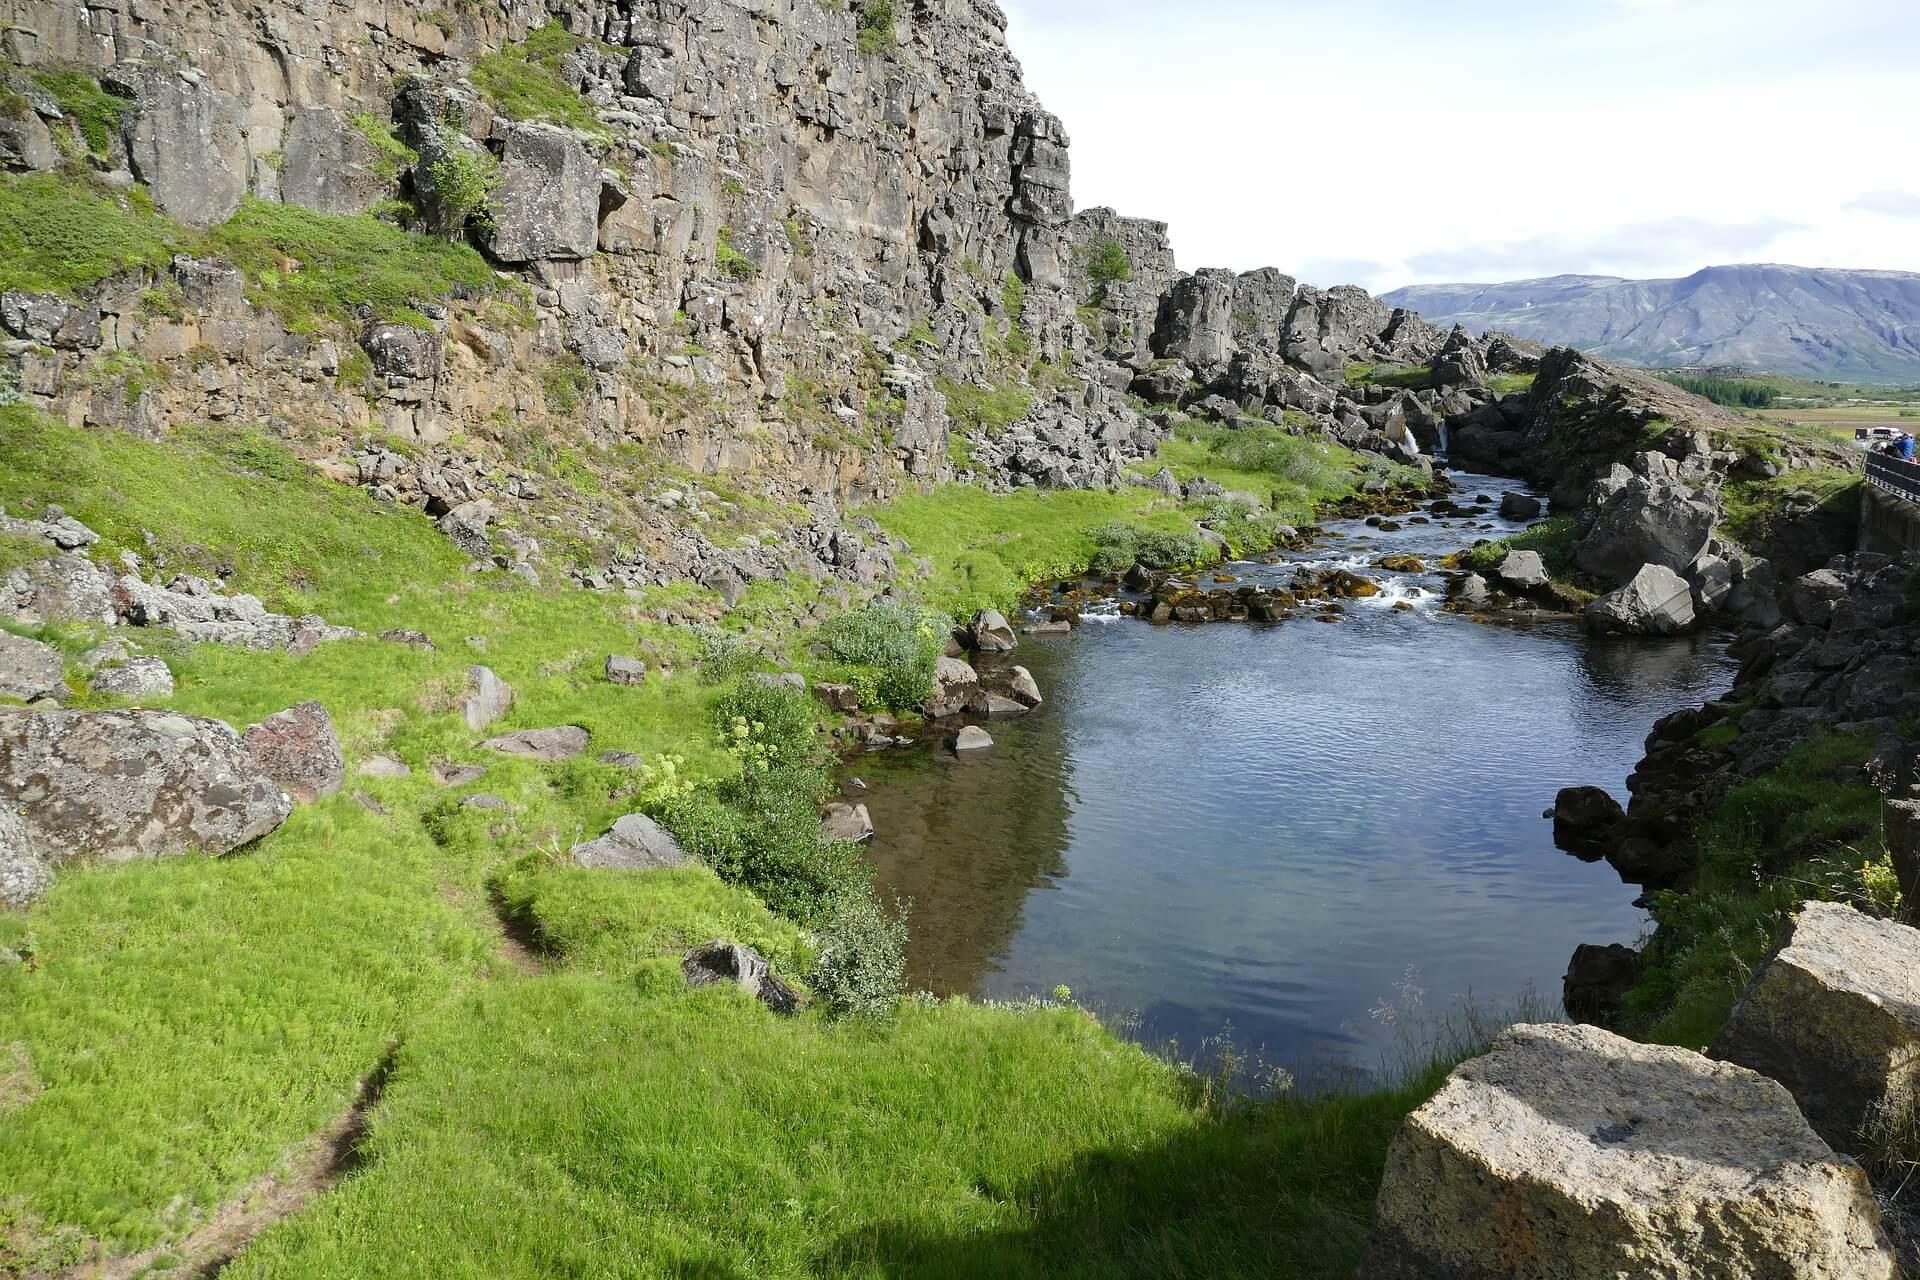 حديقة ثينجفيلير الوطنية - الطبيعة الساحرة في آيسلندا